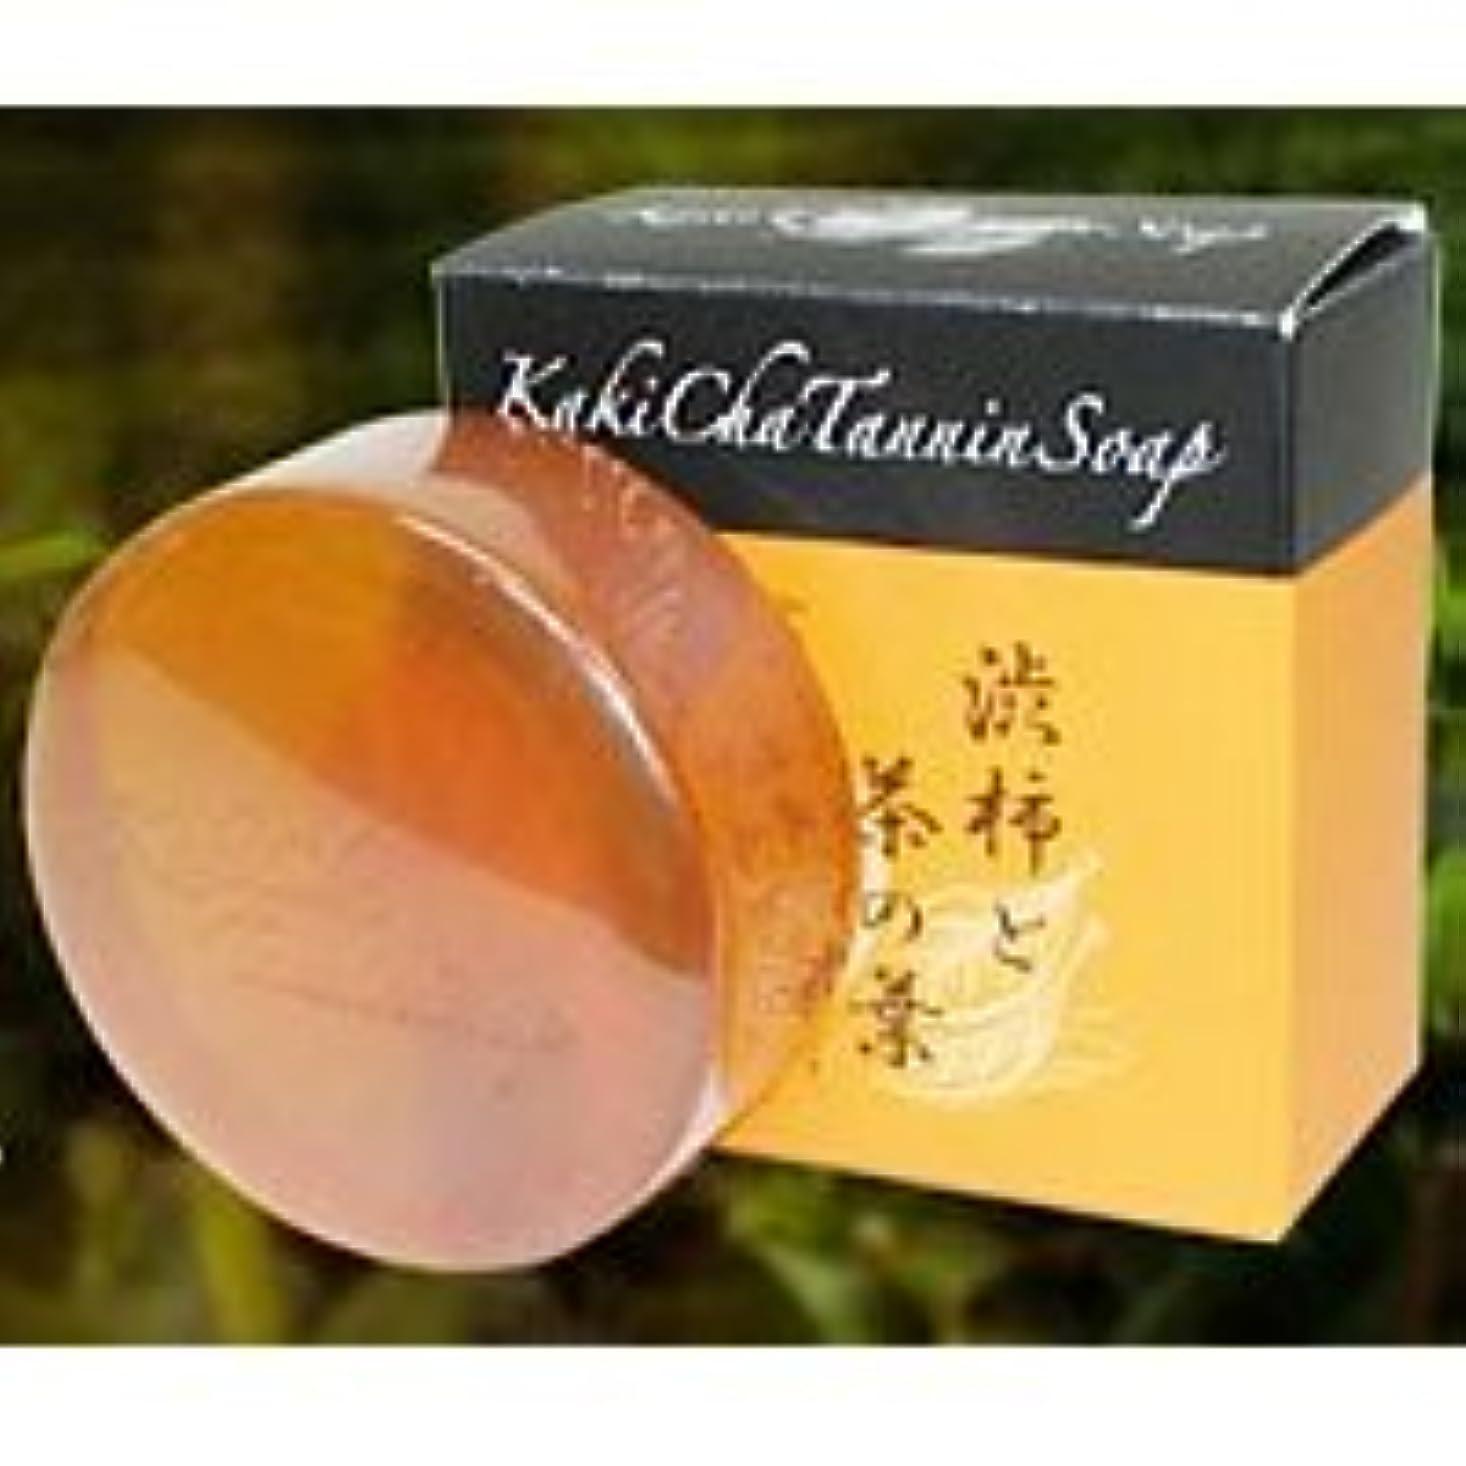 配置今日従うカキチャタンニンソープ 安心の日本製 カキチャタンニンソープ (マイルドクリアソープ) カキチャ タンニンソープ 柿渋ソープ